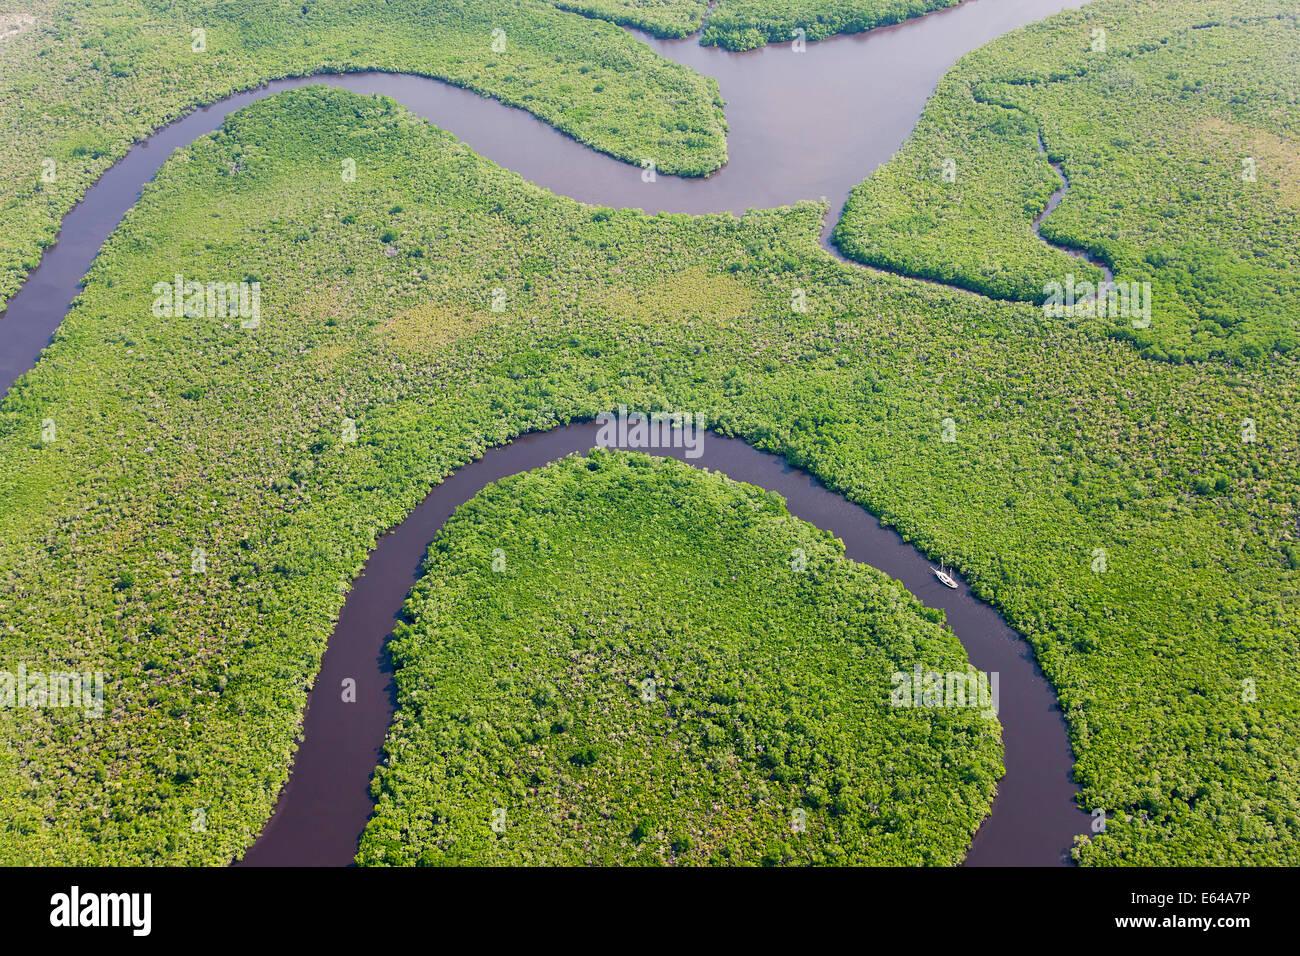 Bateau à voile & vue aérienne de la forêt tropicale de Daintree, rivière, parc national Photo Stock